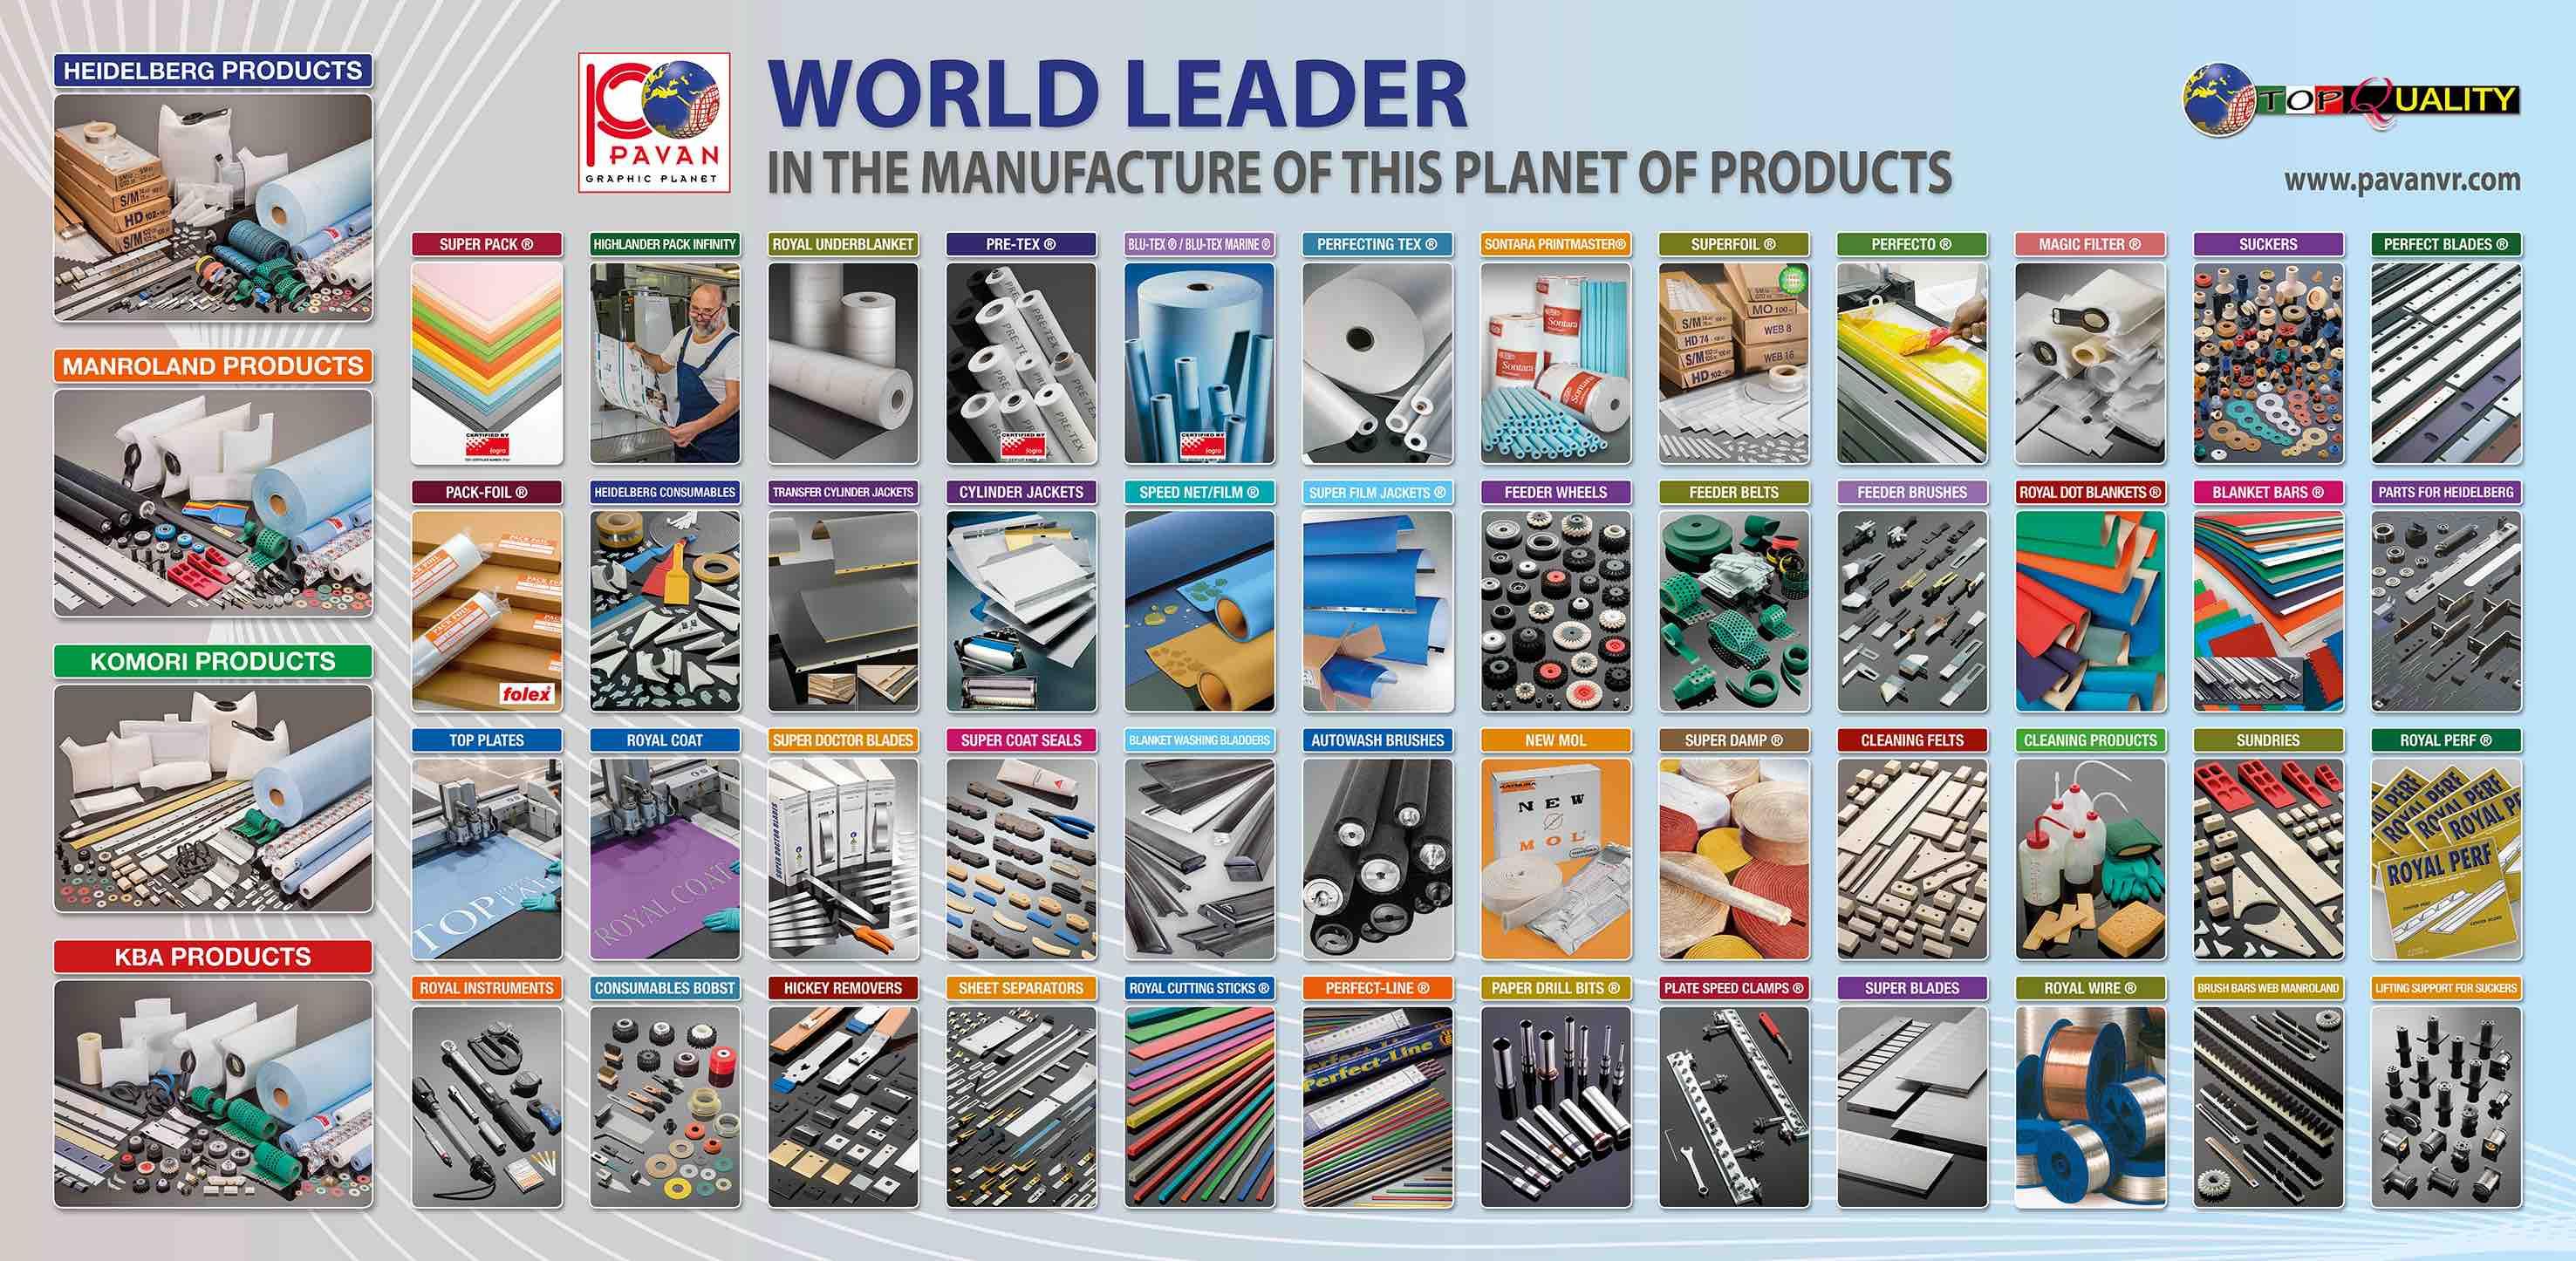 PAVAN spa Colori a Campione Prodotti Chimici arti Grafiche Rulli da stampa rulli industriali Fornitura inchiostri e vernici Fornitura consumabili arti grafiche